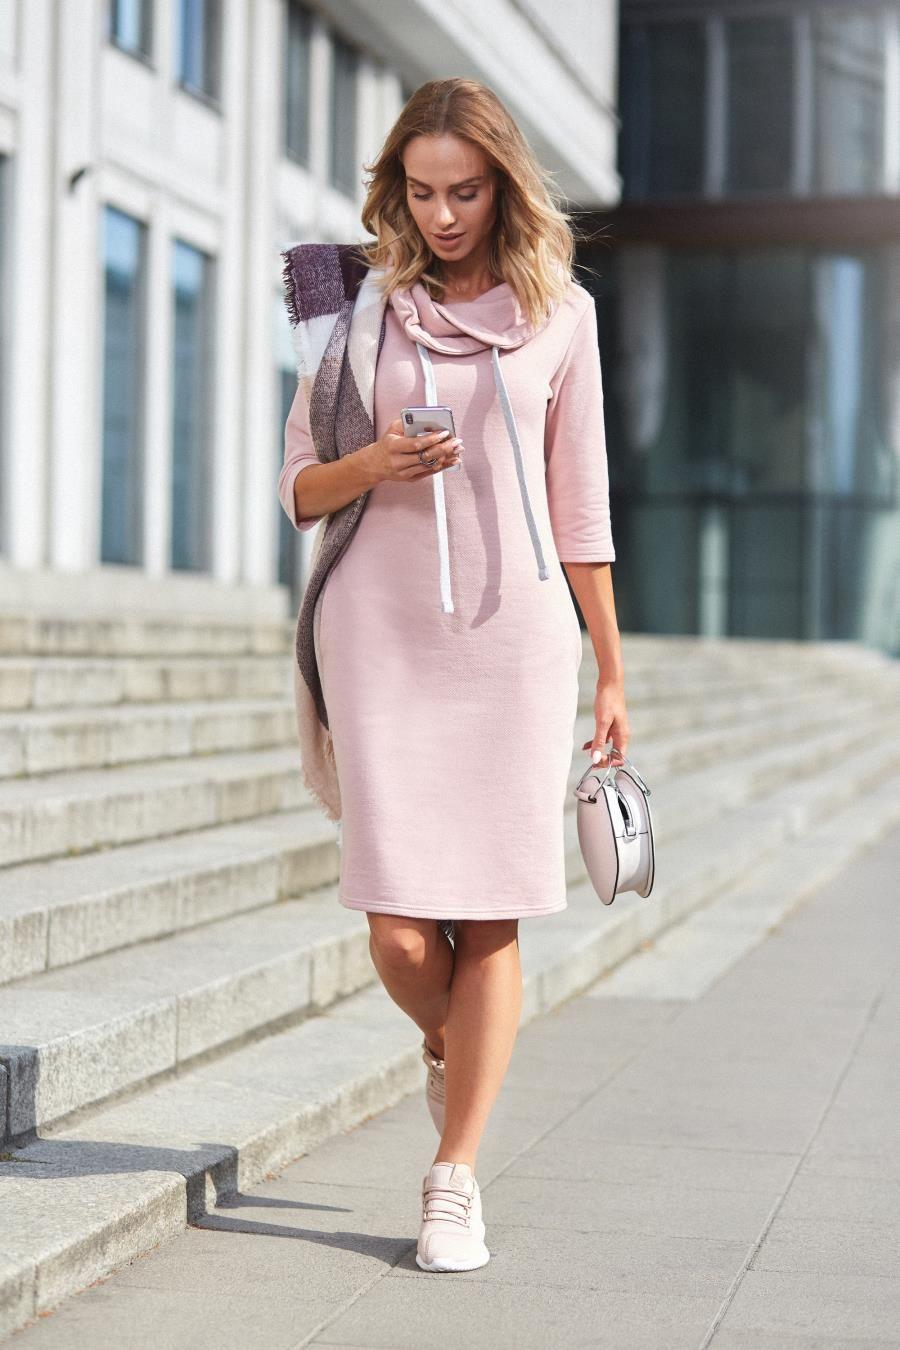 Sportowa Sukienka Pudrowy Roz Mo391 Sporty Dress Sporty Dress Outfit Trendy Casual Dress